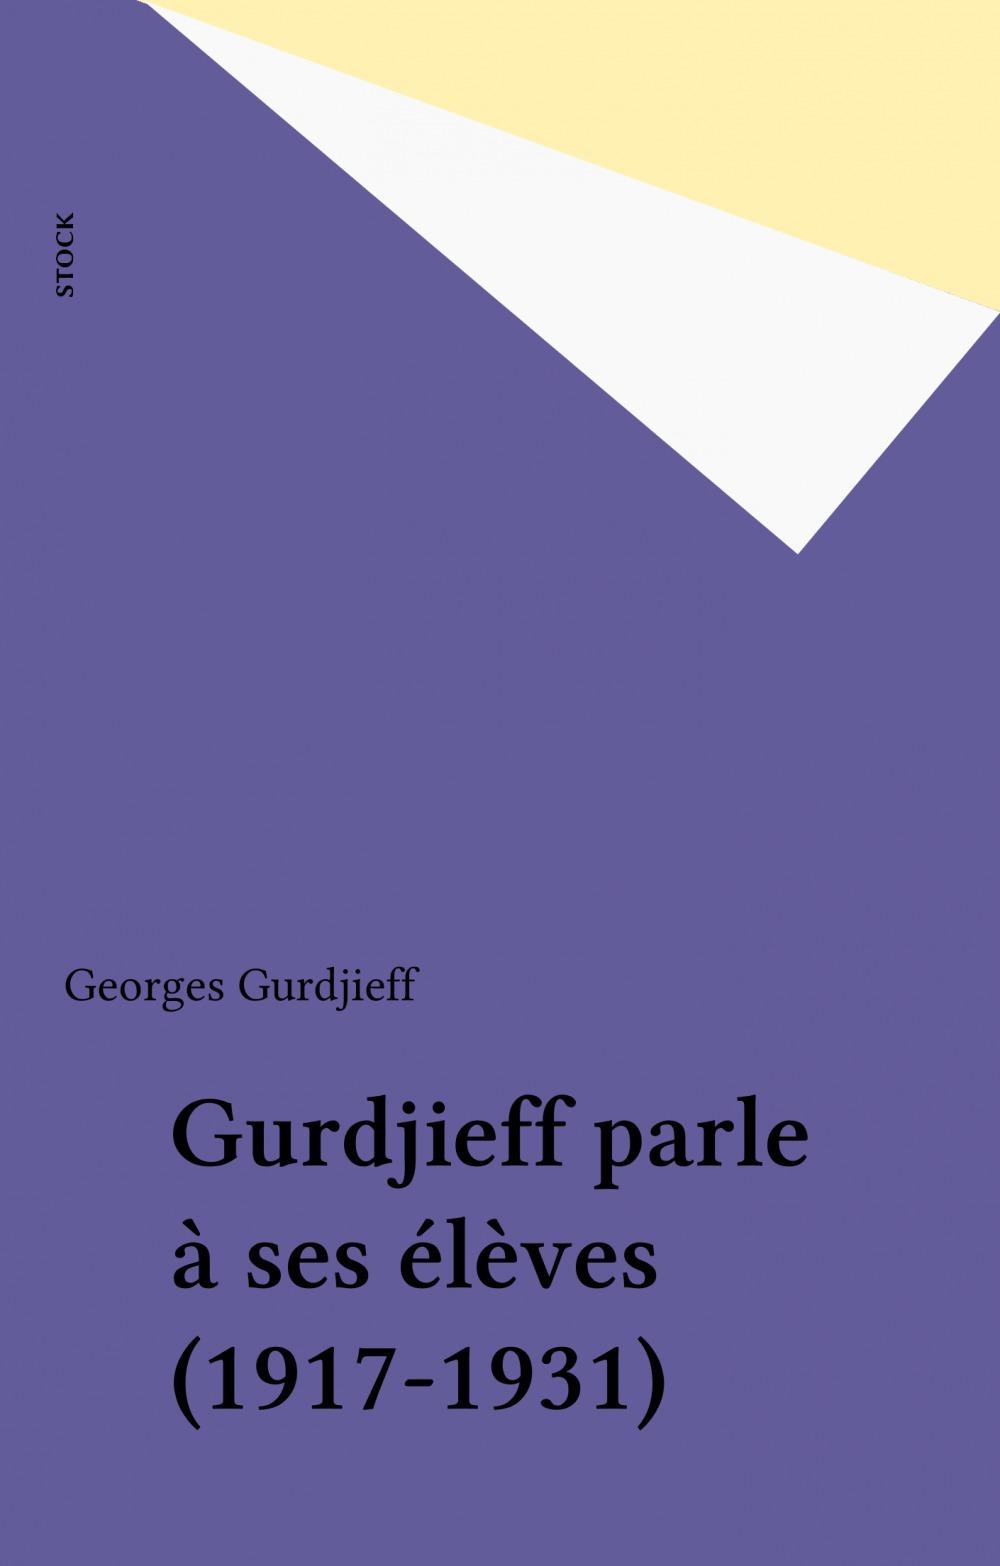 Gurdjieff parle a ses eleves